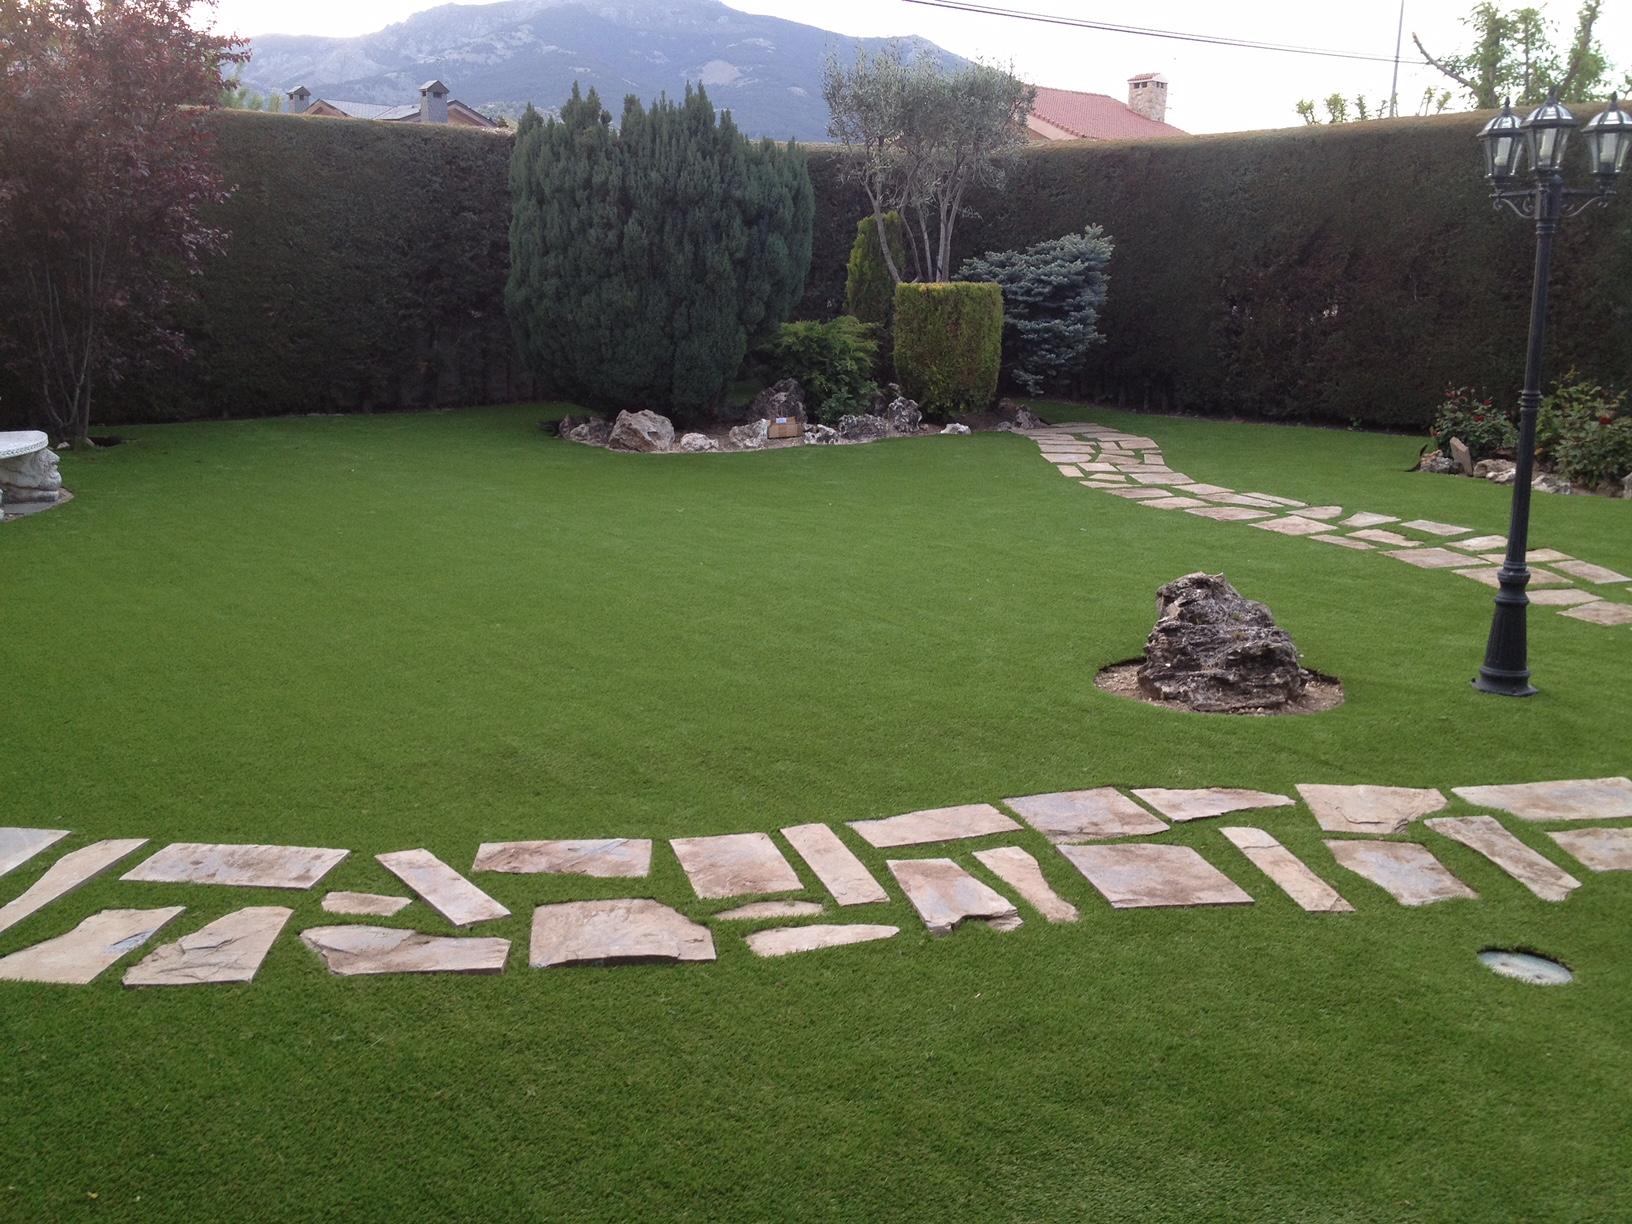 Instalaci n de c sped artificial en jard n con ariz nicas for Jardines cesped artificial piedras